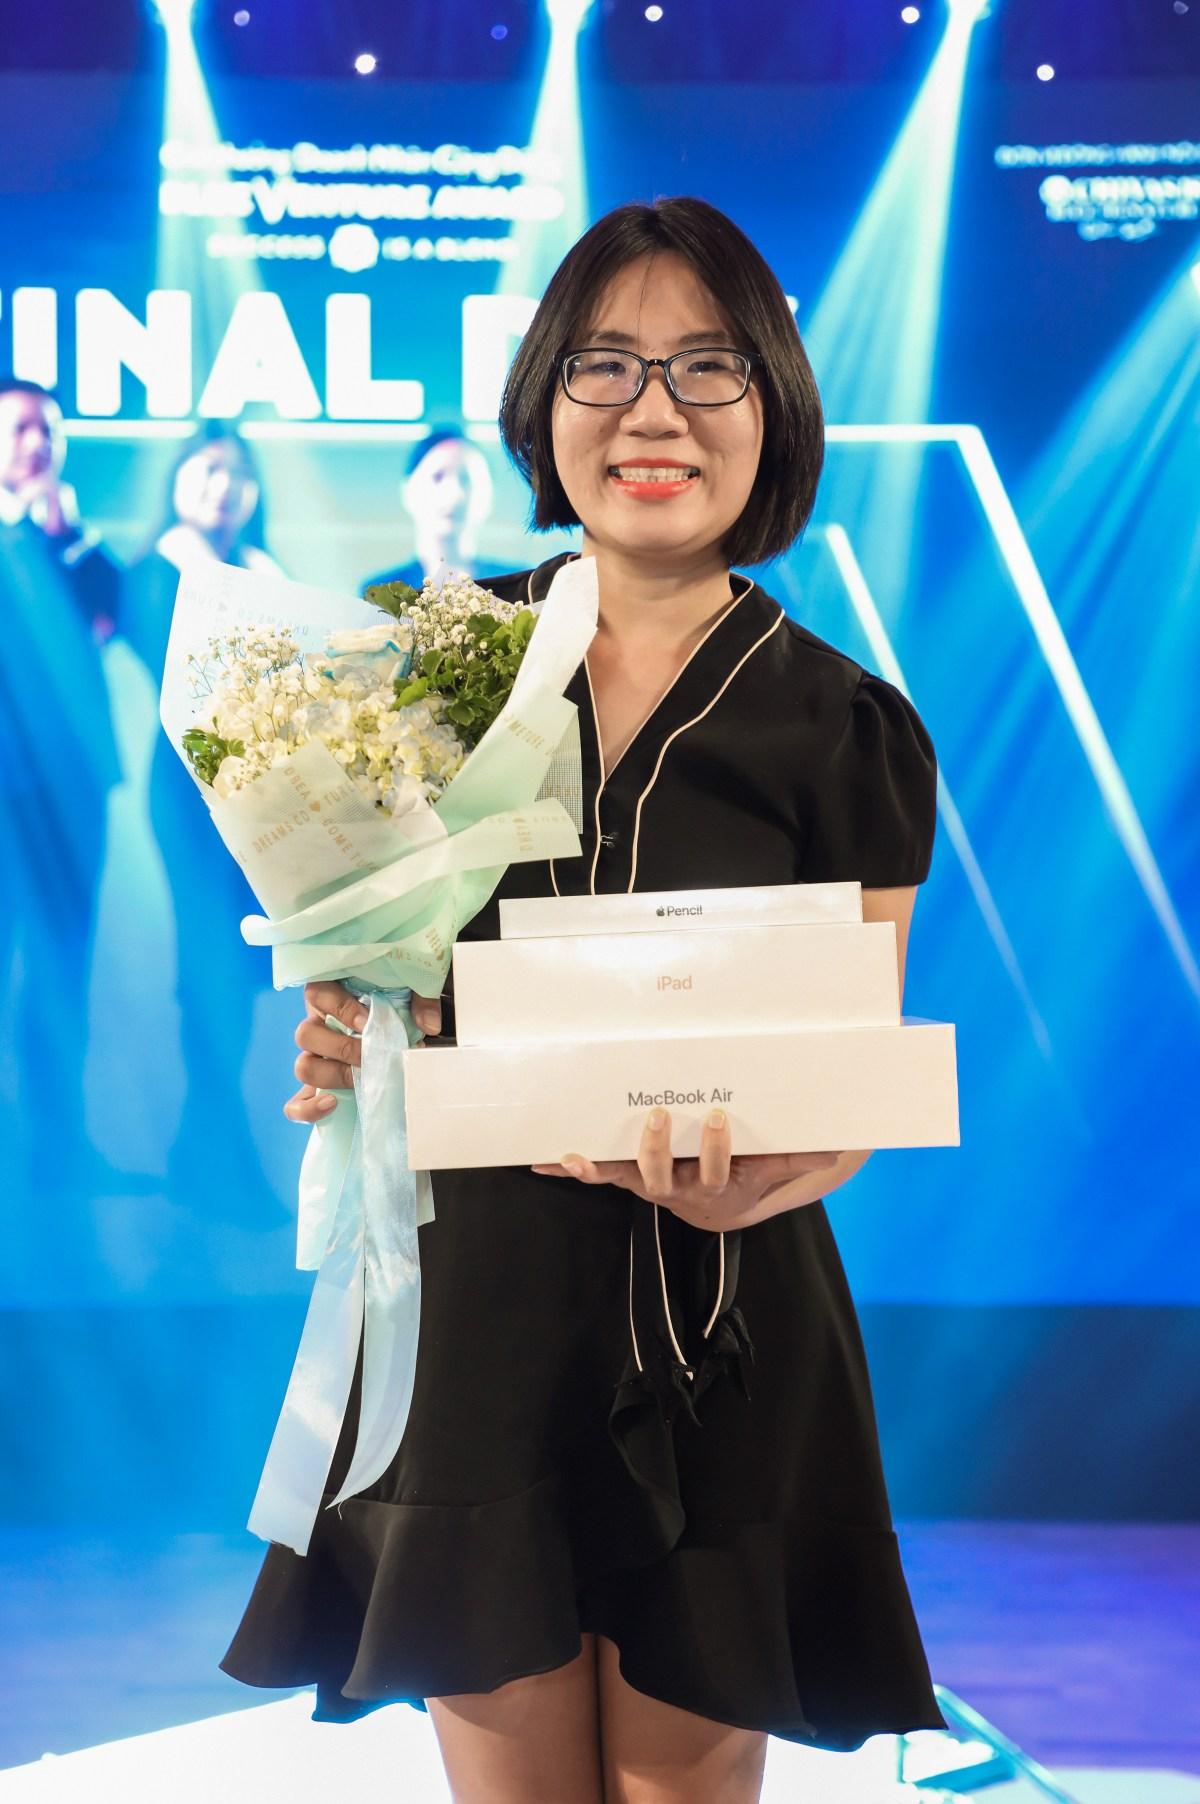 Giải pháp phát triển dòng sản phẩm protein bền vững chiến thắng thuyết phục tại chung kết Blue Venture Award 2019  - Ảnh 2